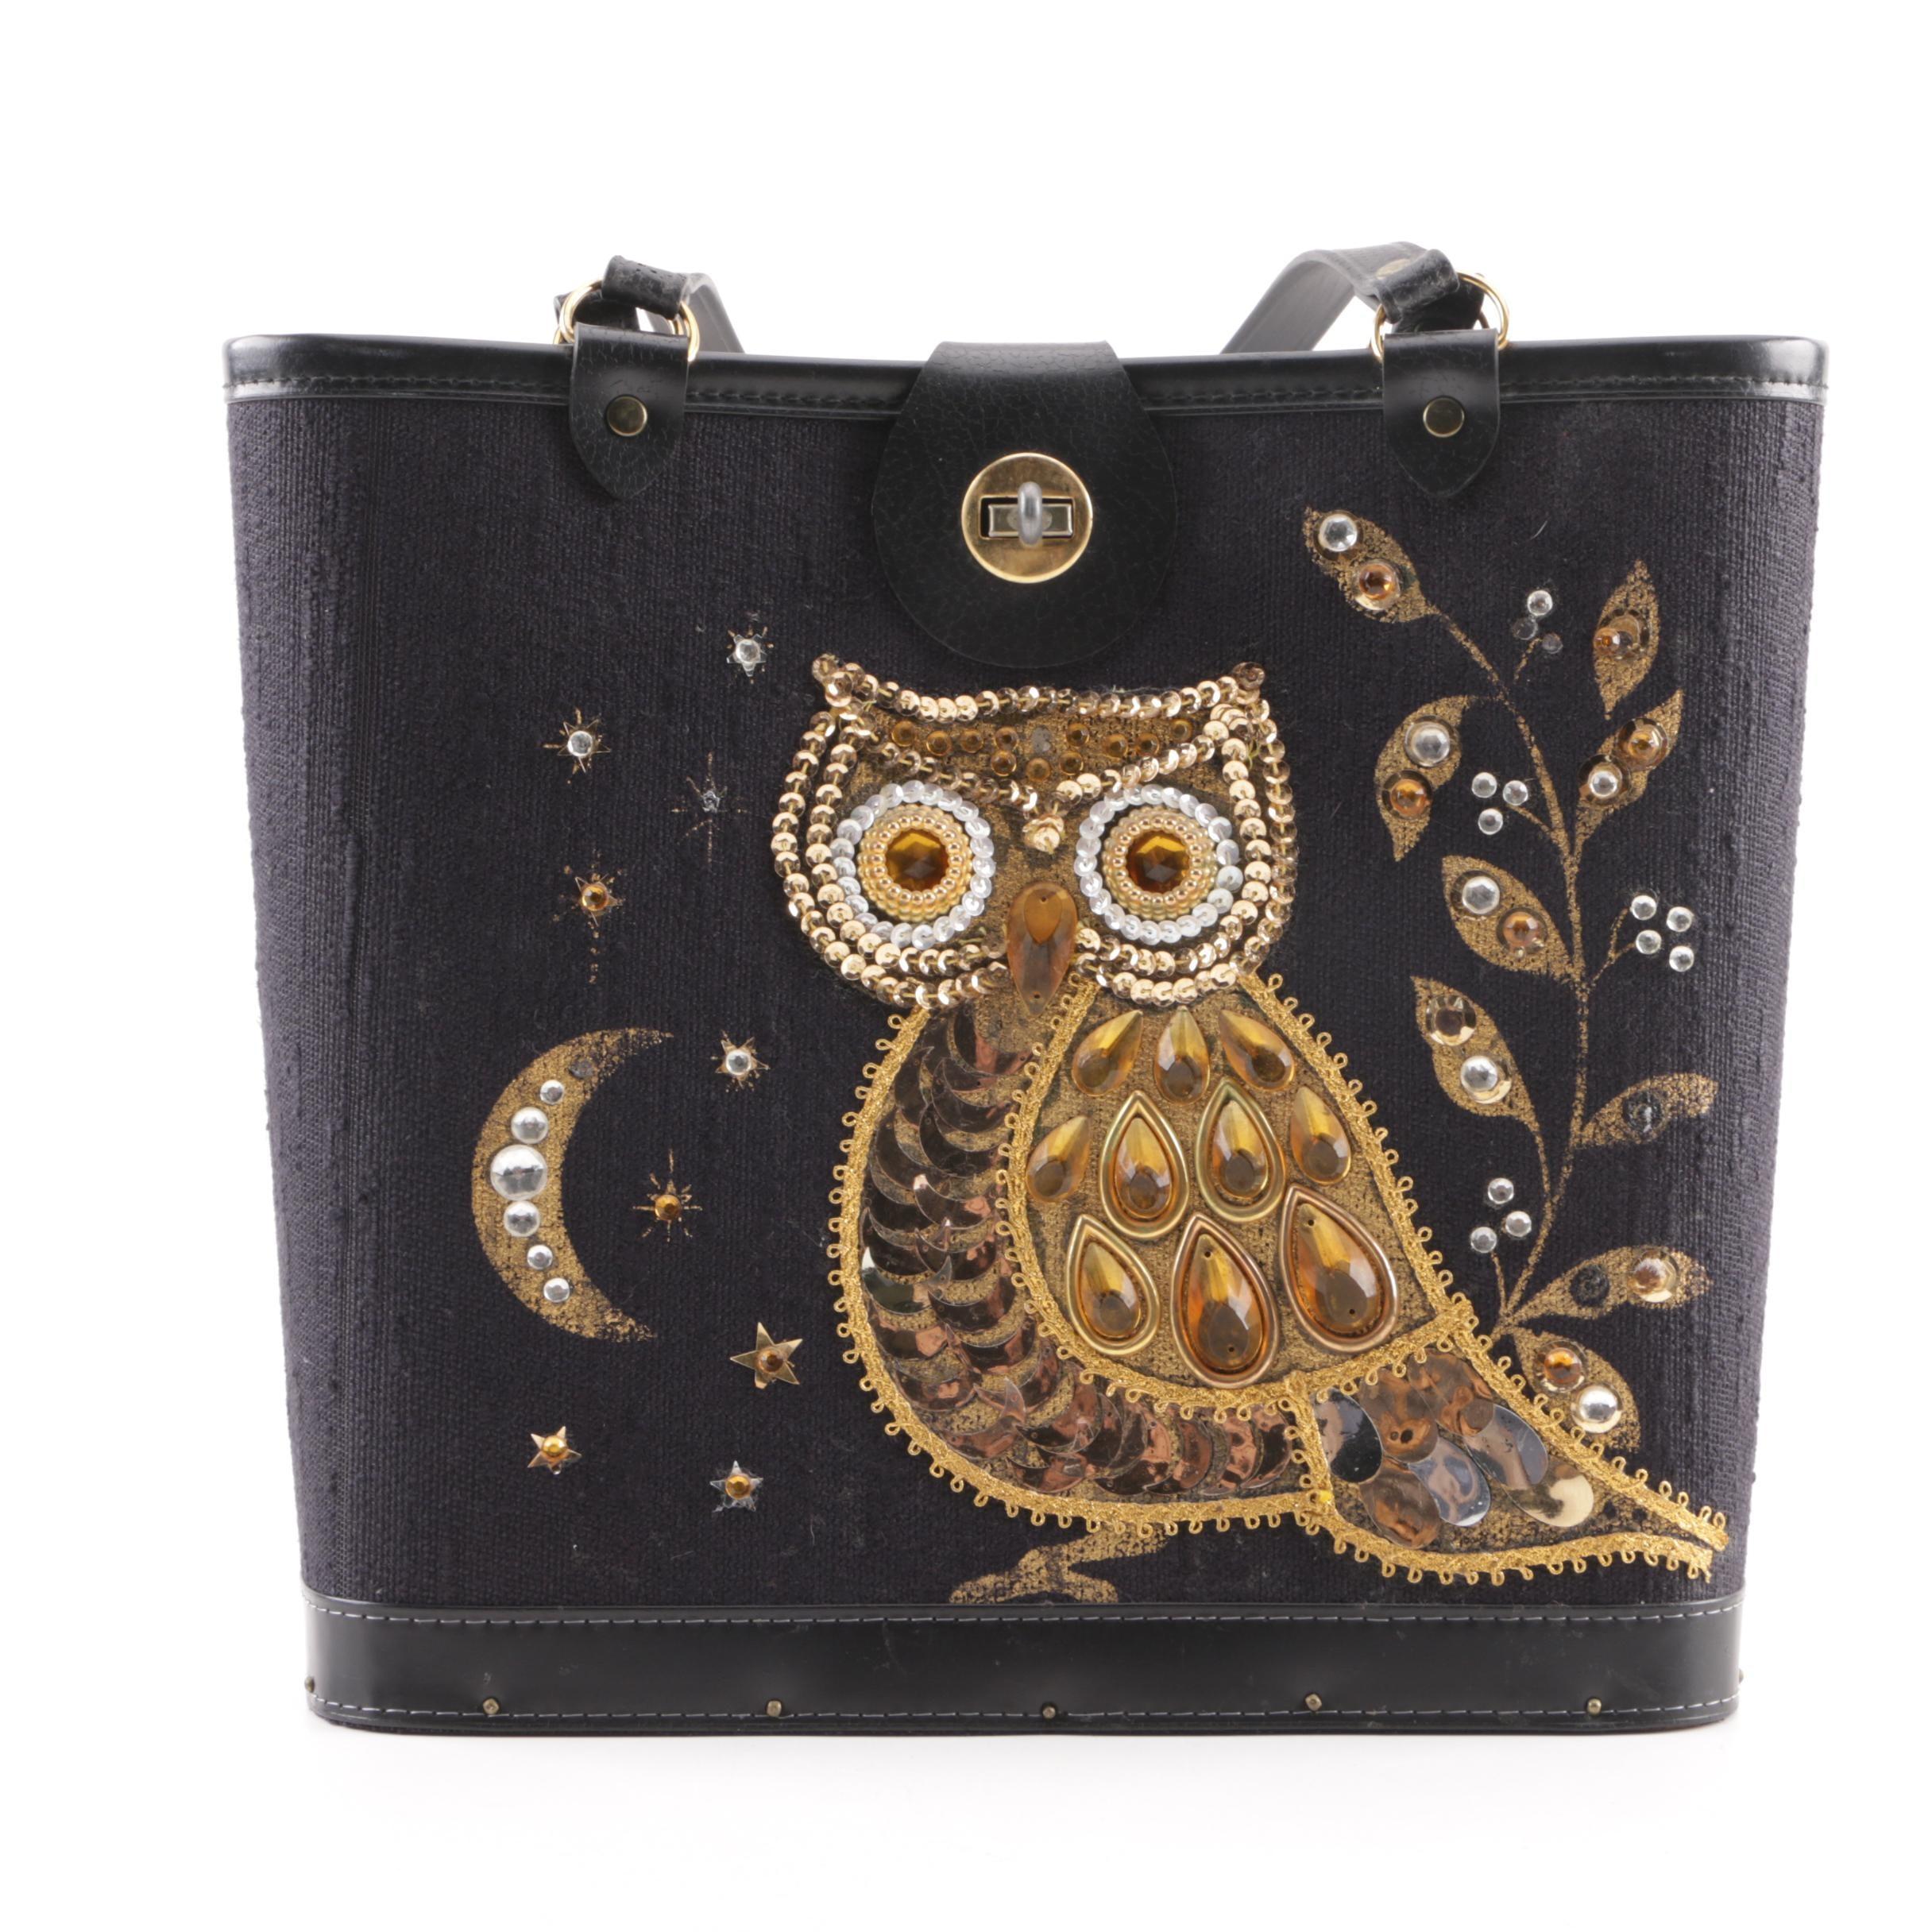 Vintage Owl Motif Sequin Embellished Bucket Bag with a Wooden Base